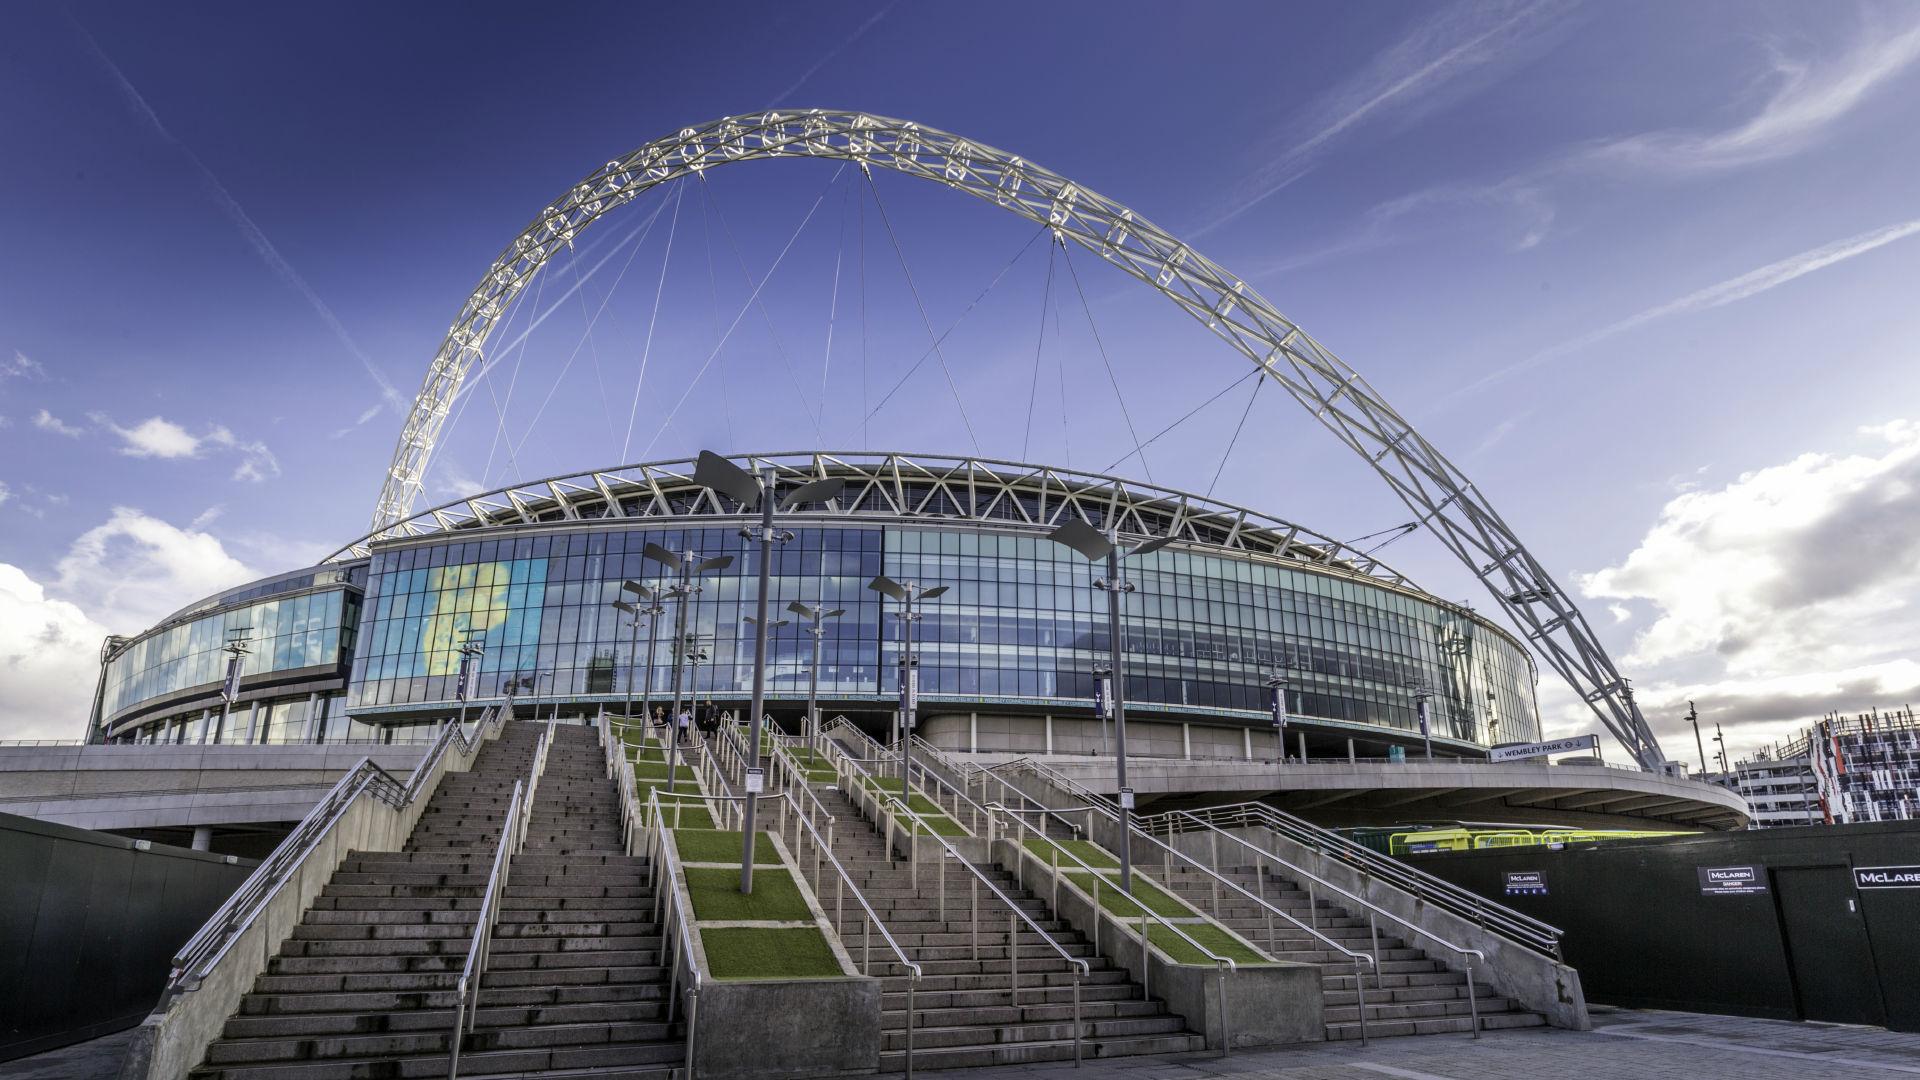 UEFA Euro 2020 at Wembley Stadium